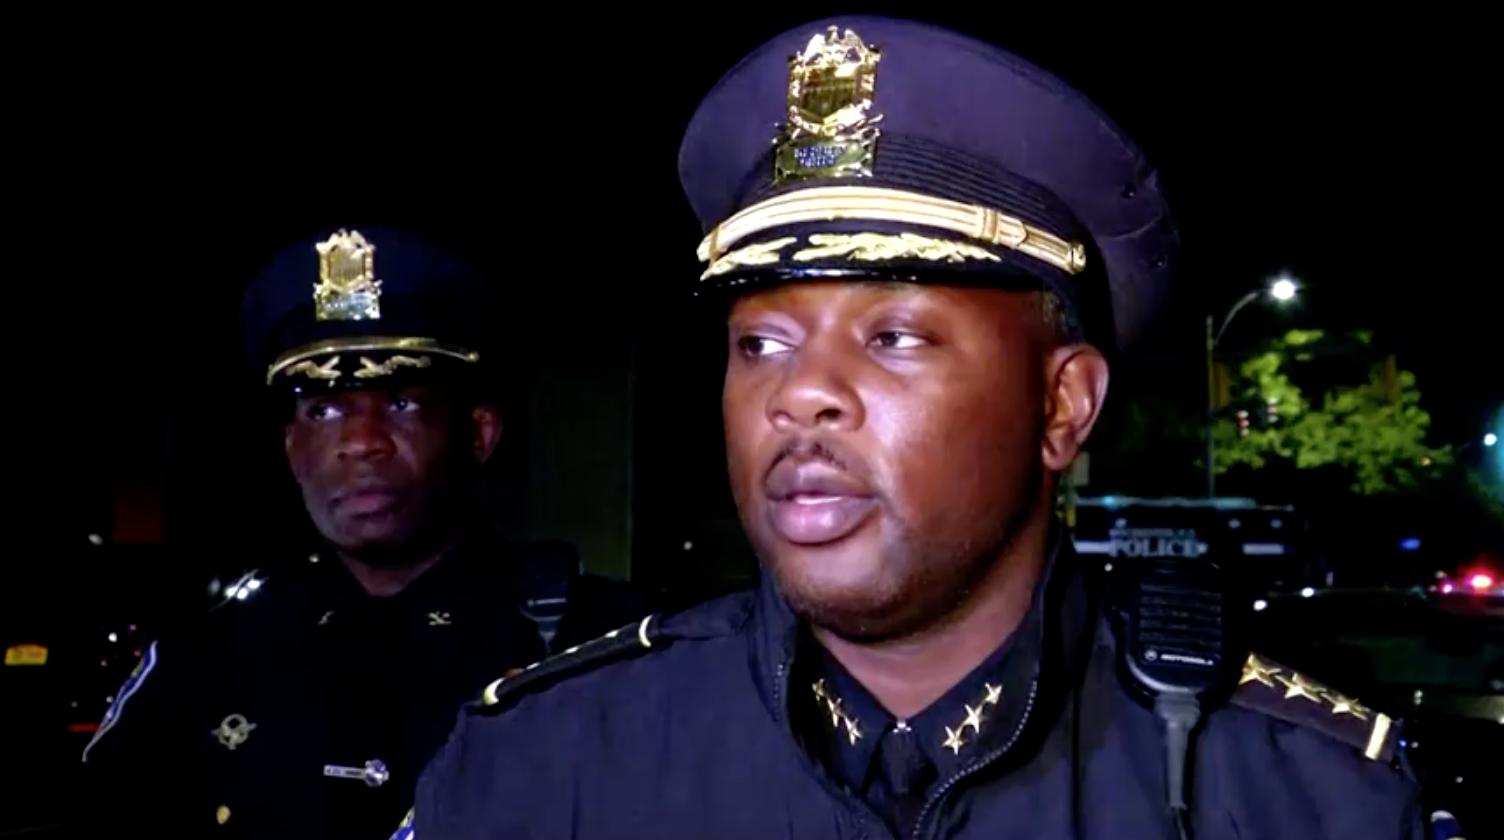 Nổ súng trong bữa tiệc ở Rochester khiến 2 người chết và 14 người bị thương